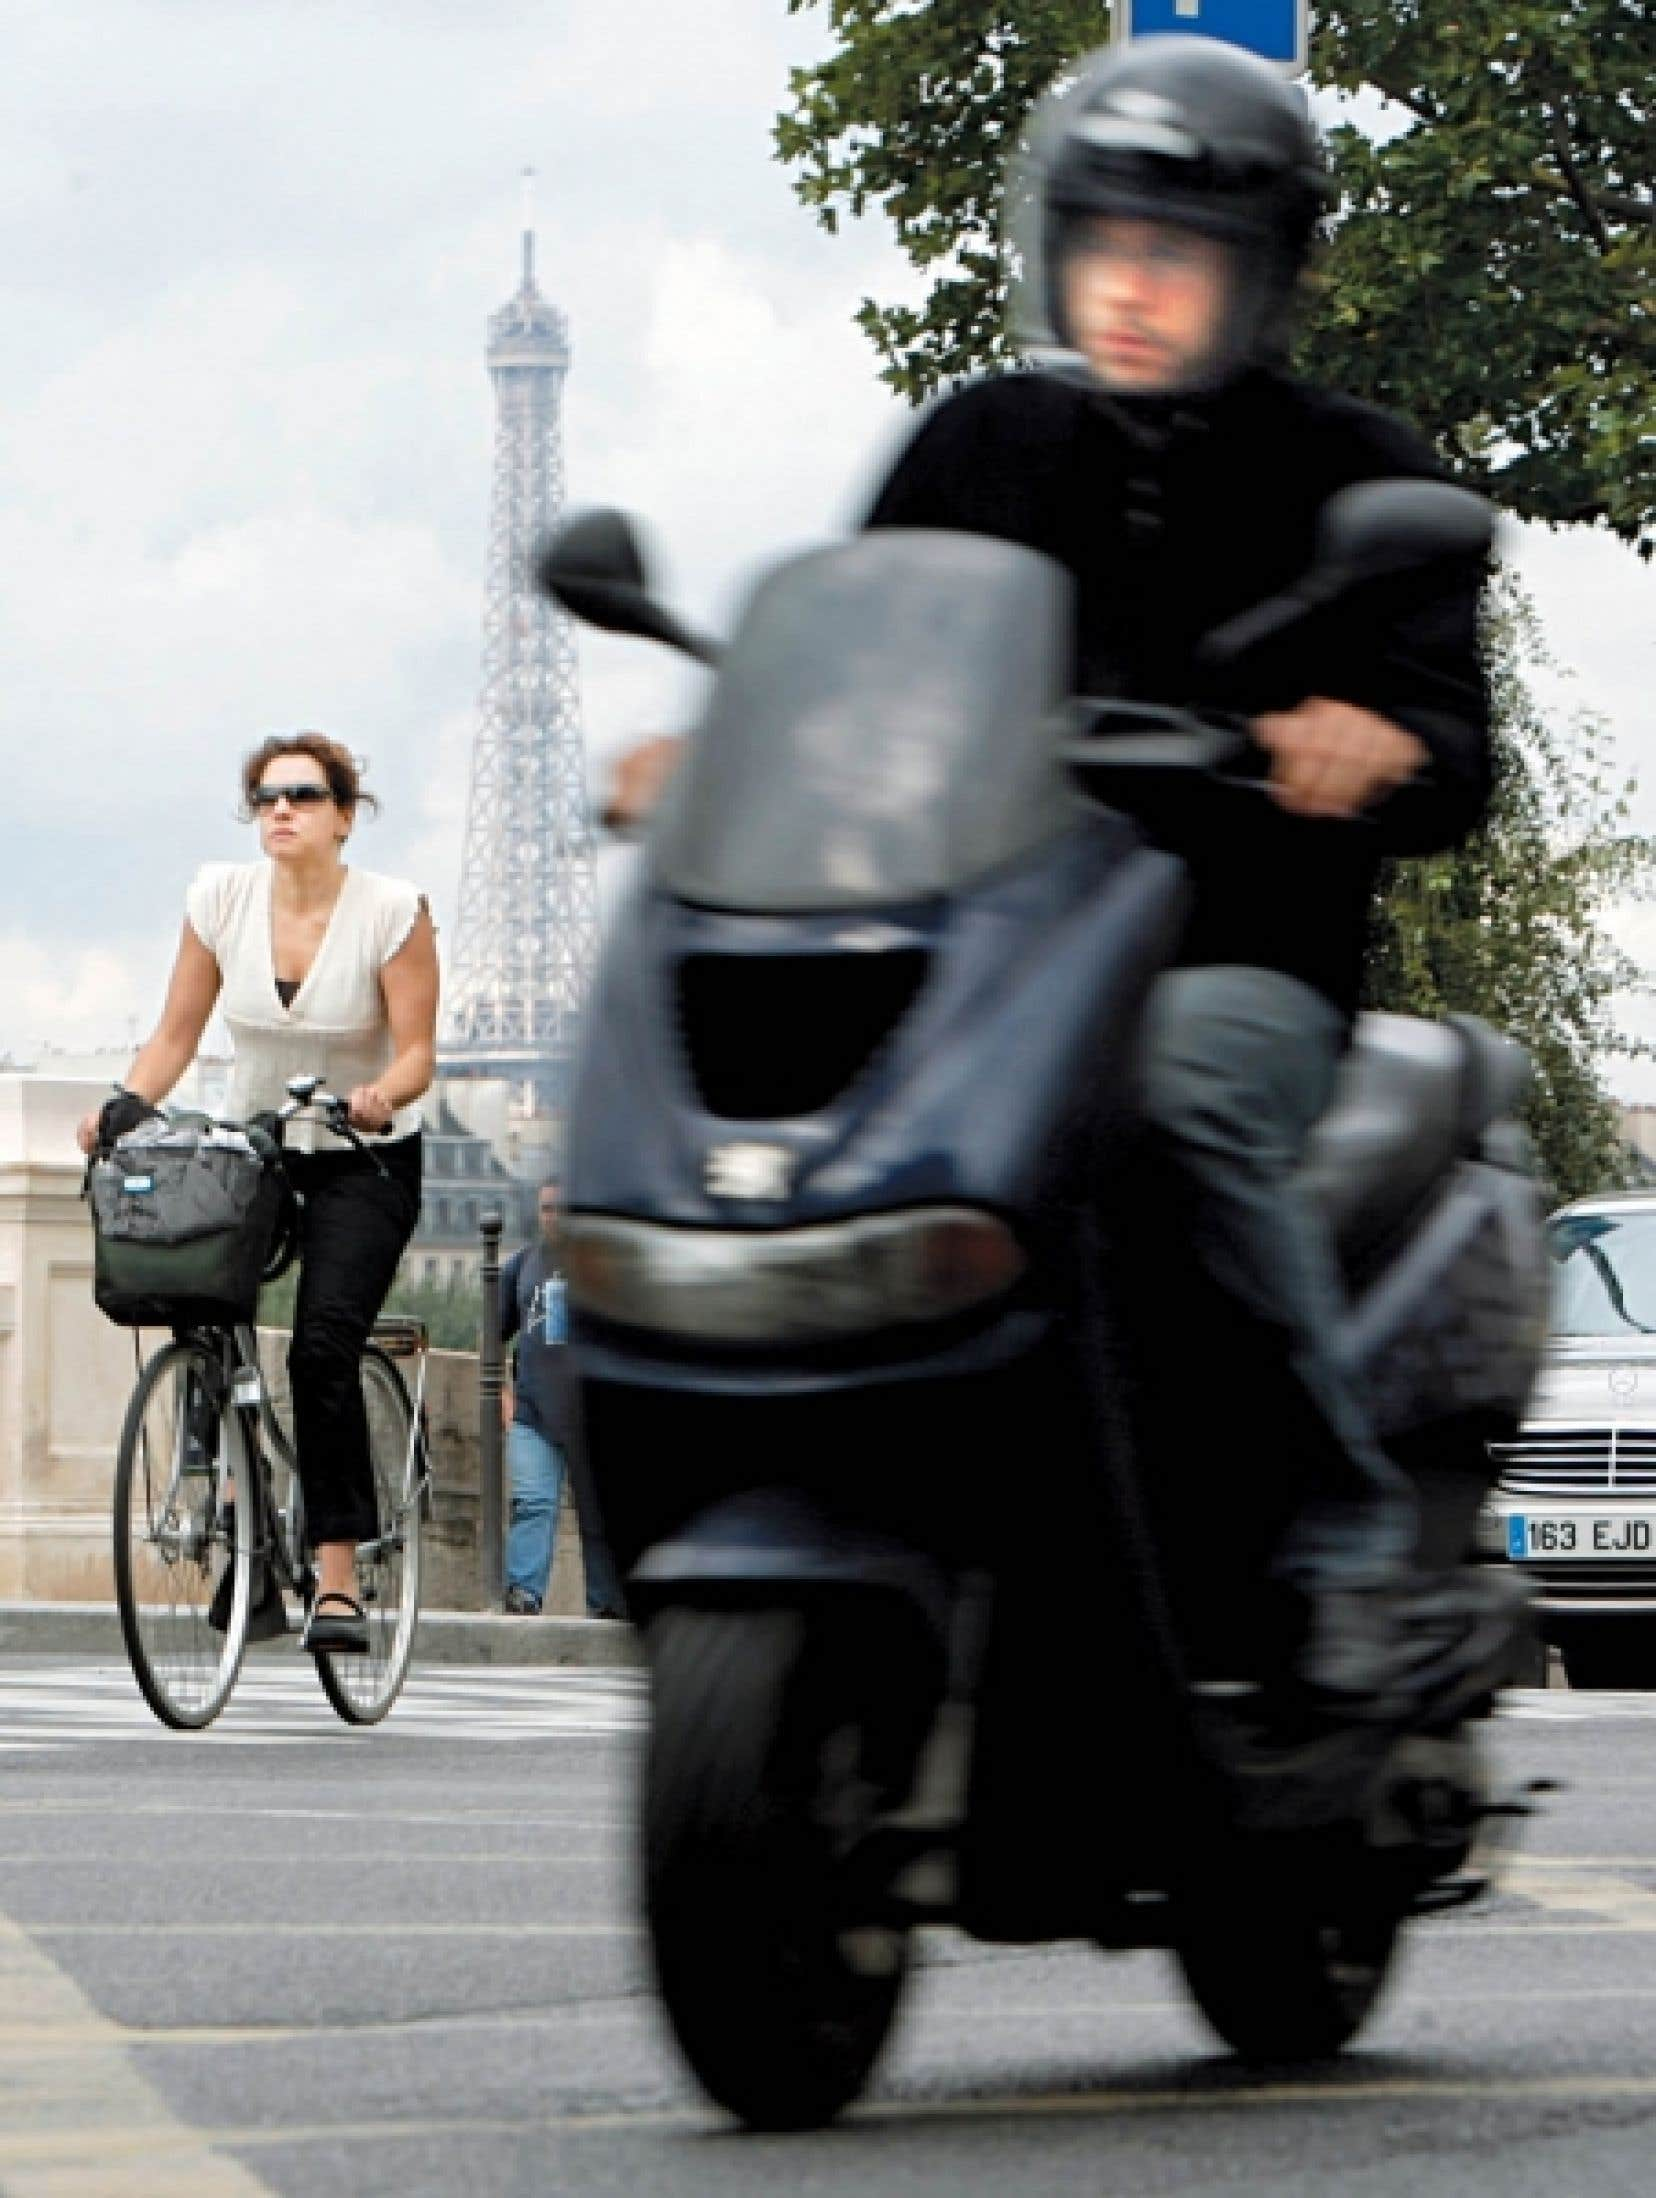 La Ville de Paris repense le transport urbain de manière à donner un net avantage aux deux-roues.<br />